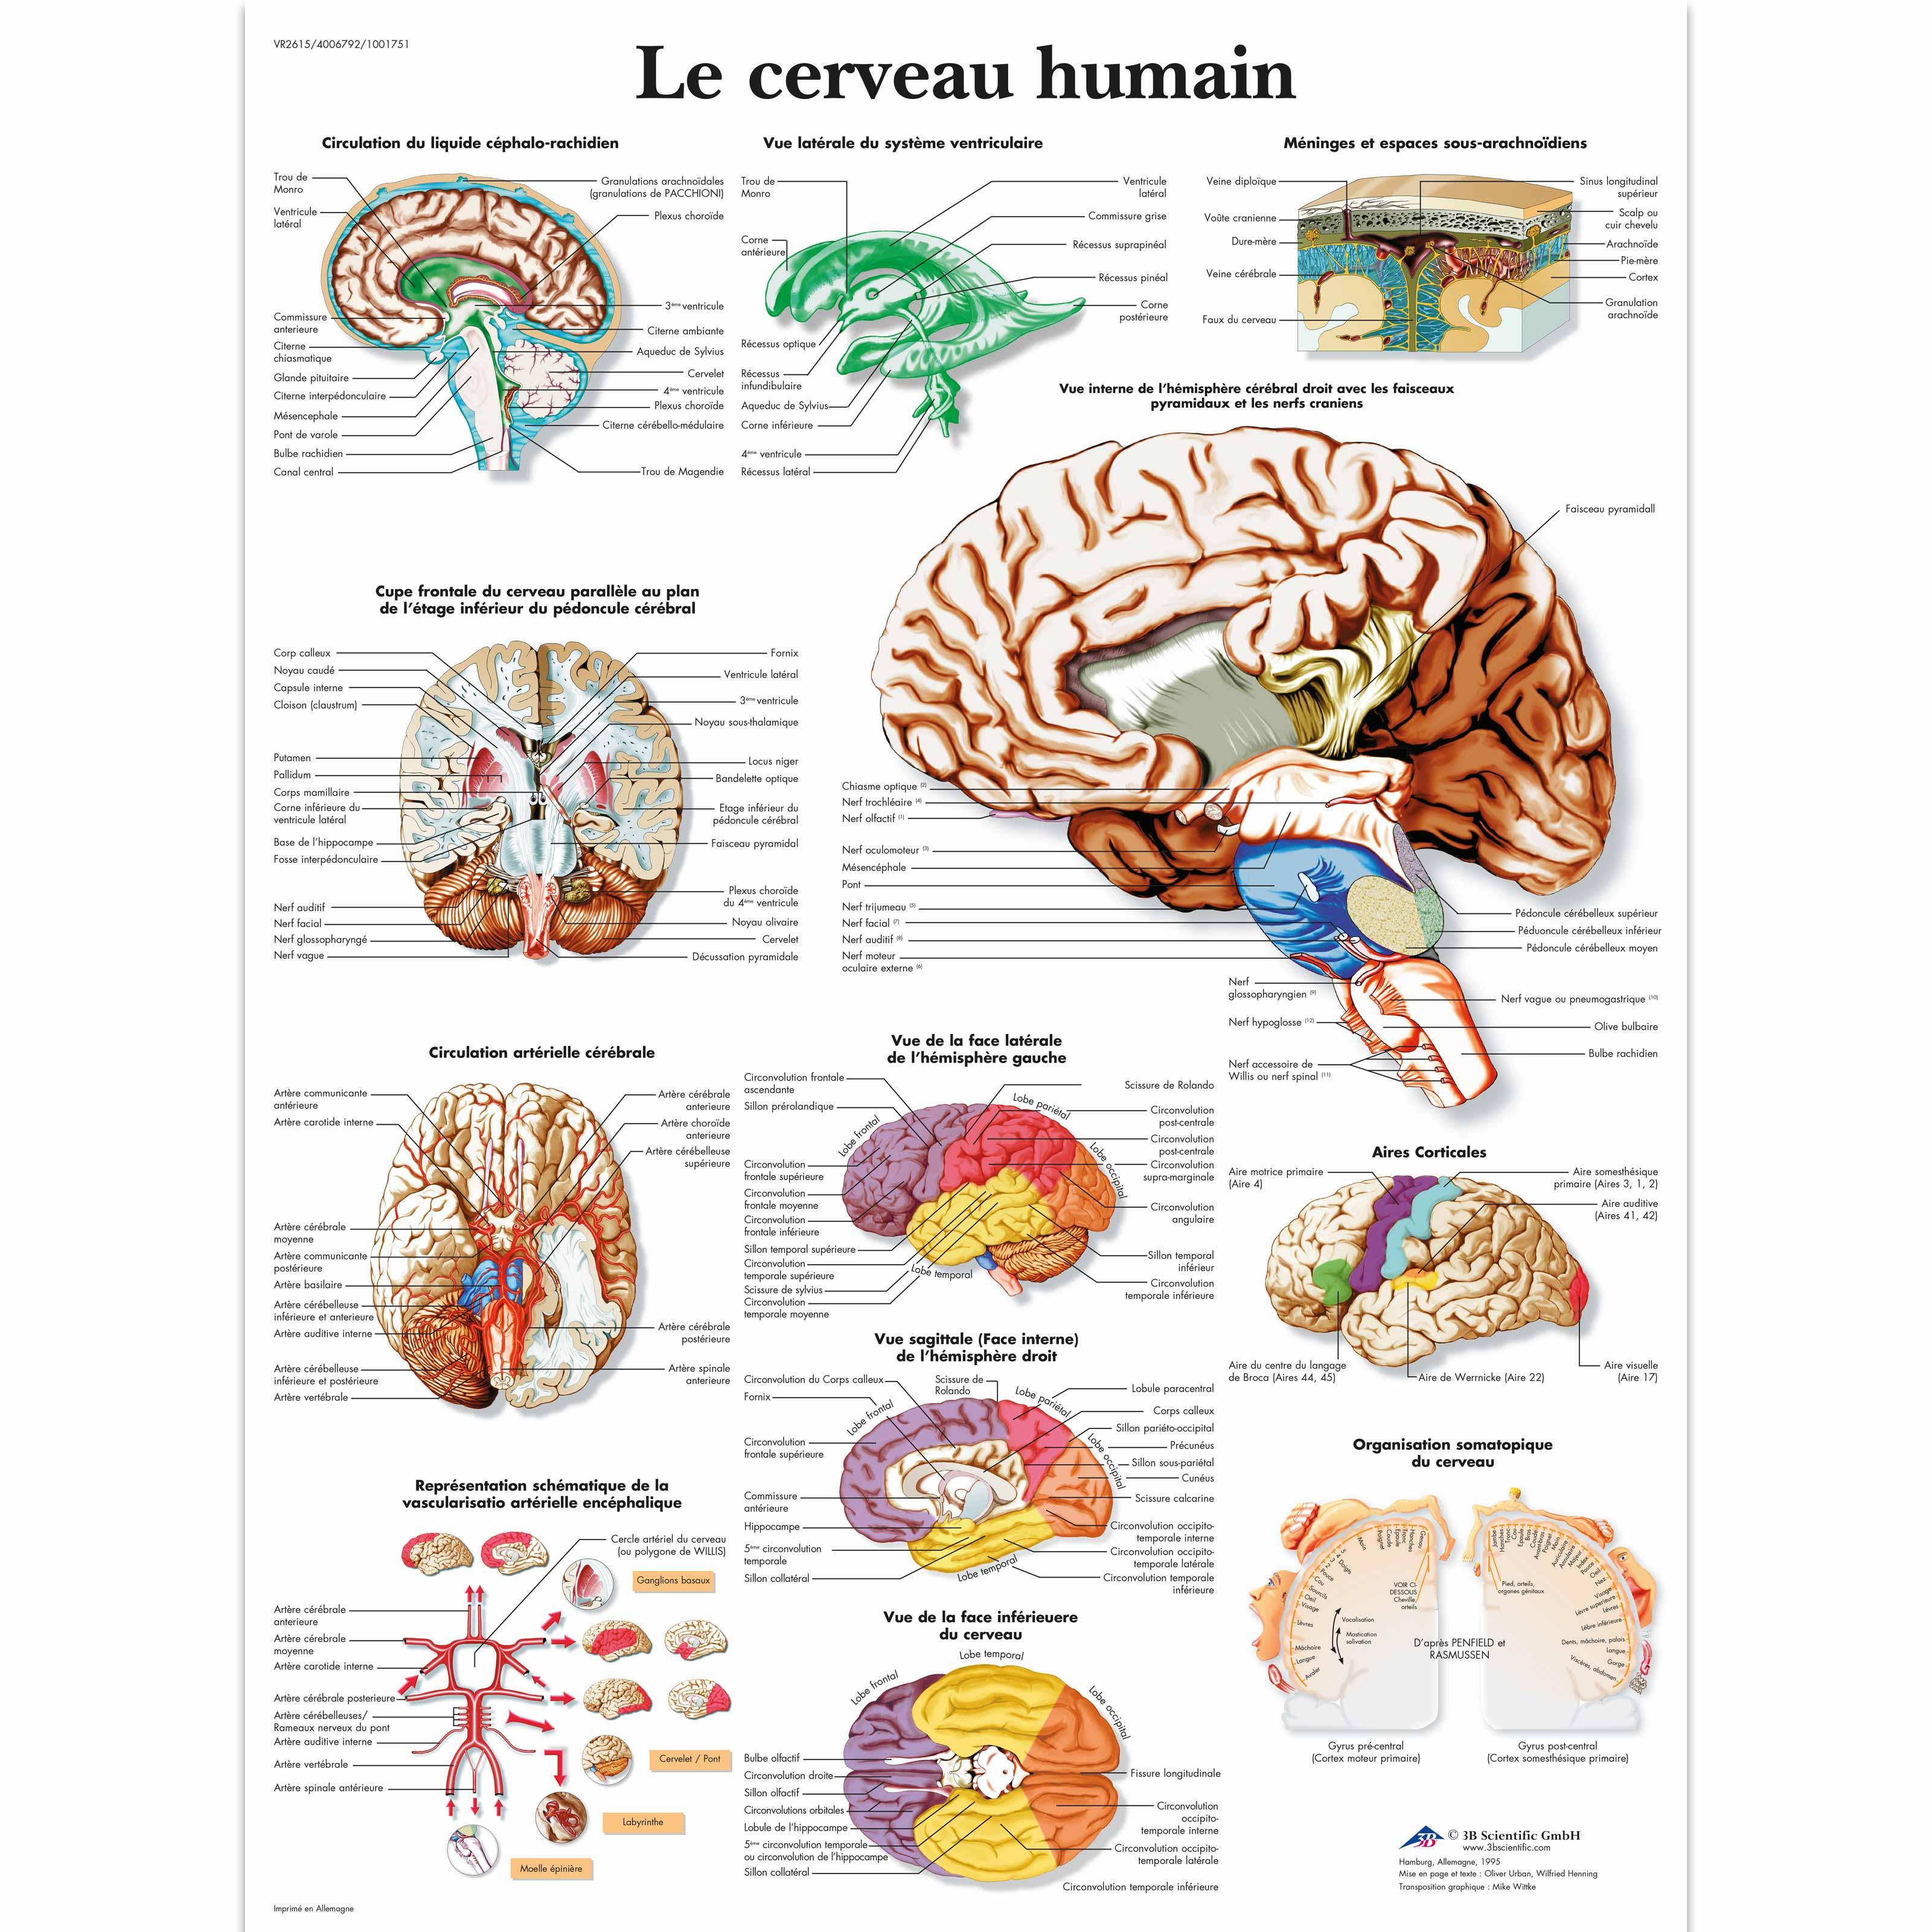 Le cerveau humain - 1001751 - VR2615L - Brain and Nervous system ...